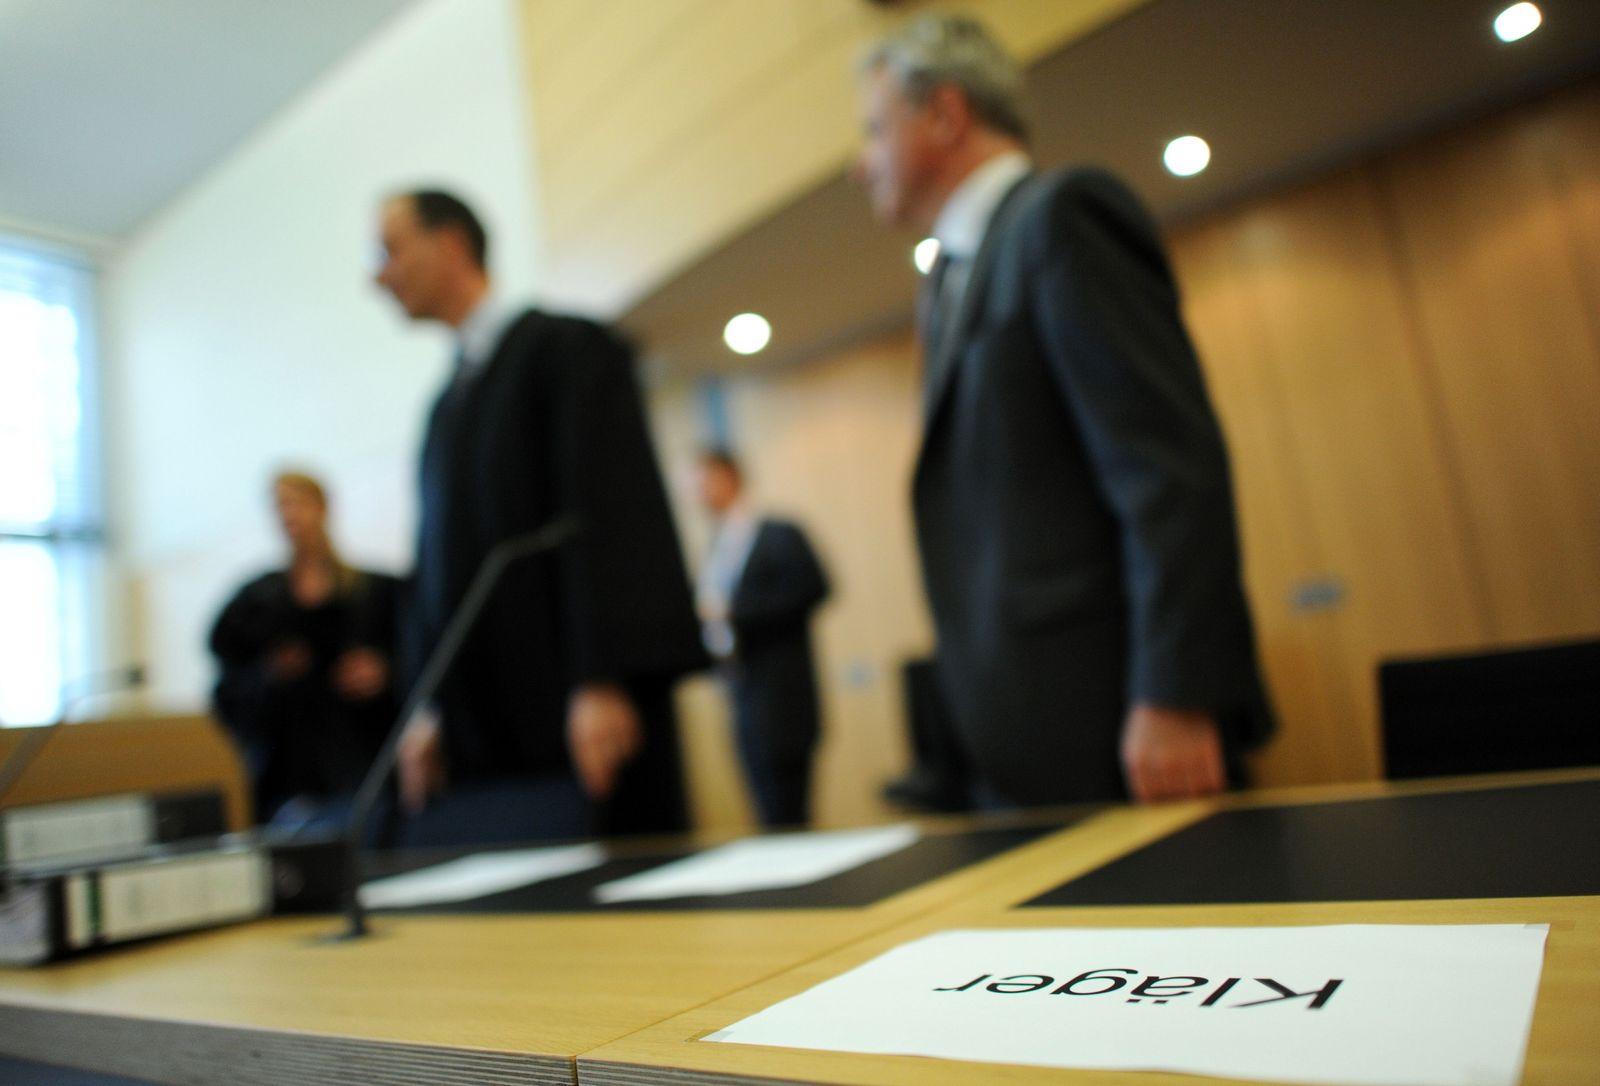 Rechtsschutzversicherung / Symbolbild